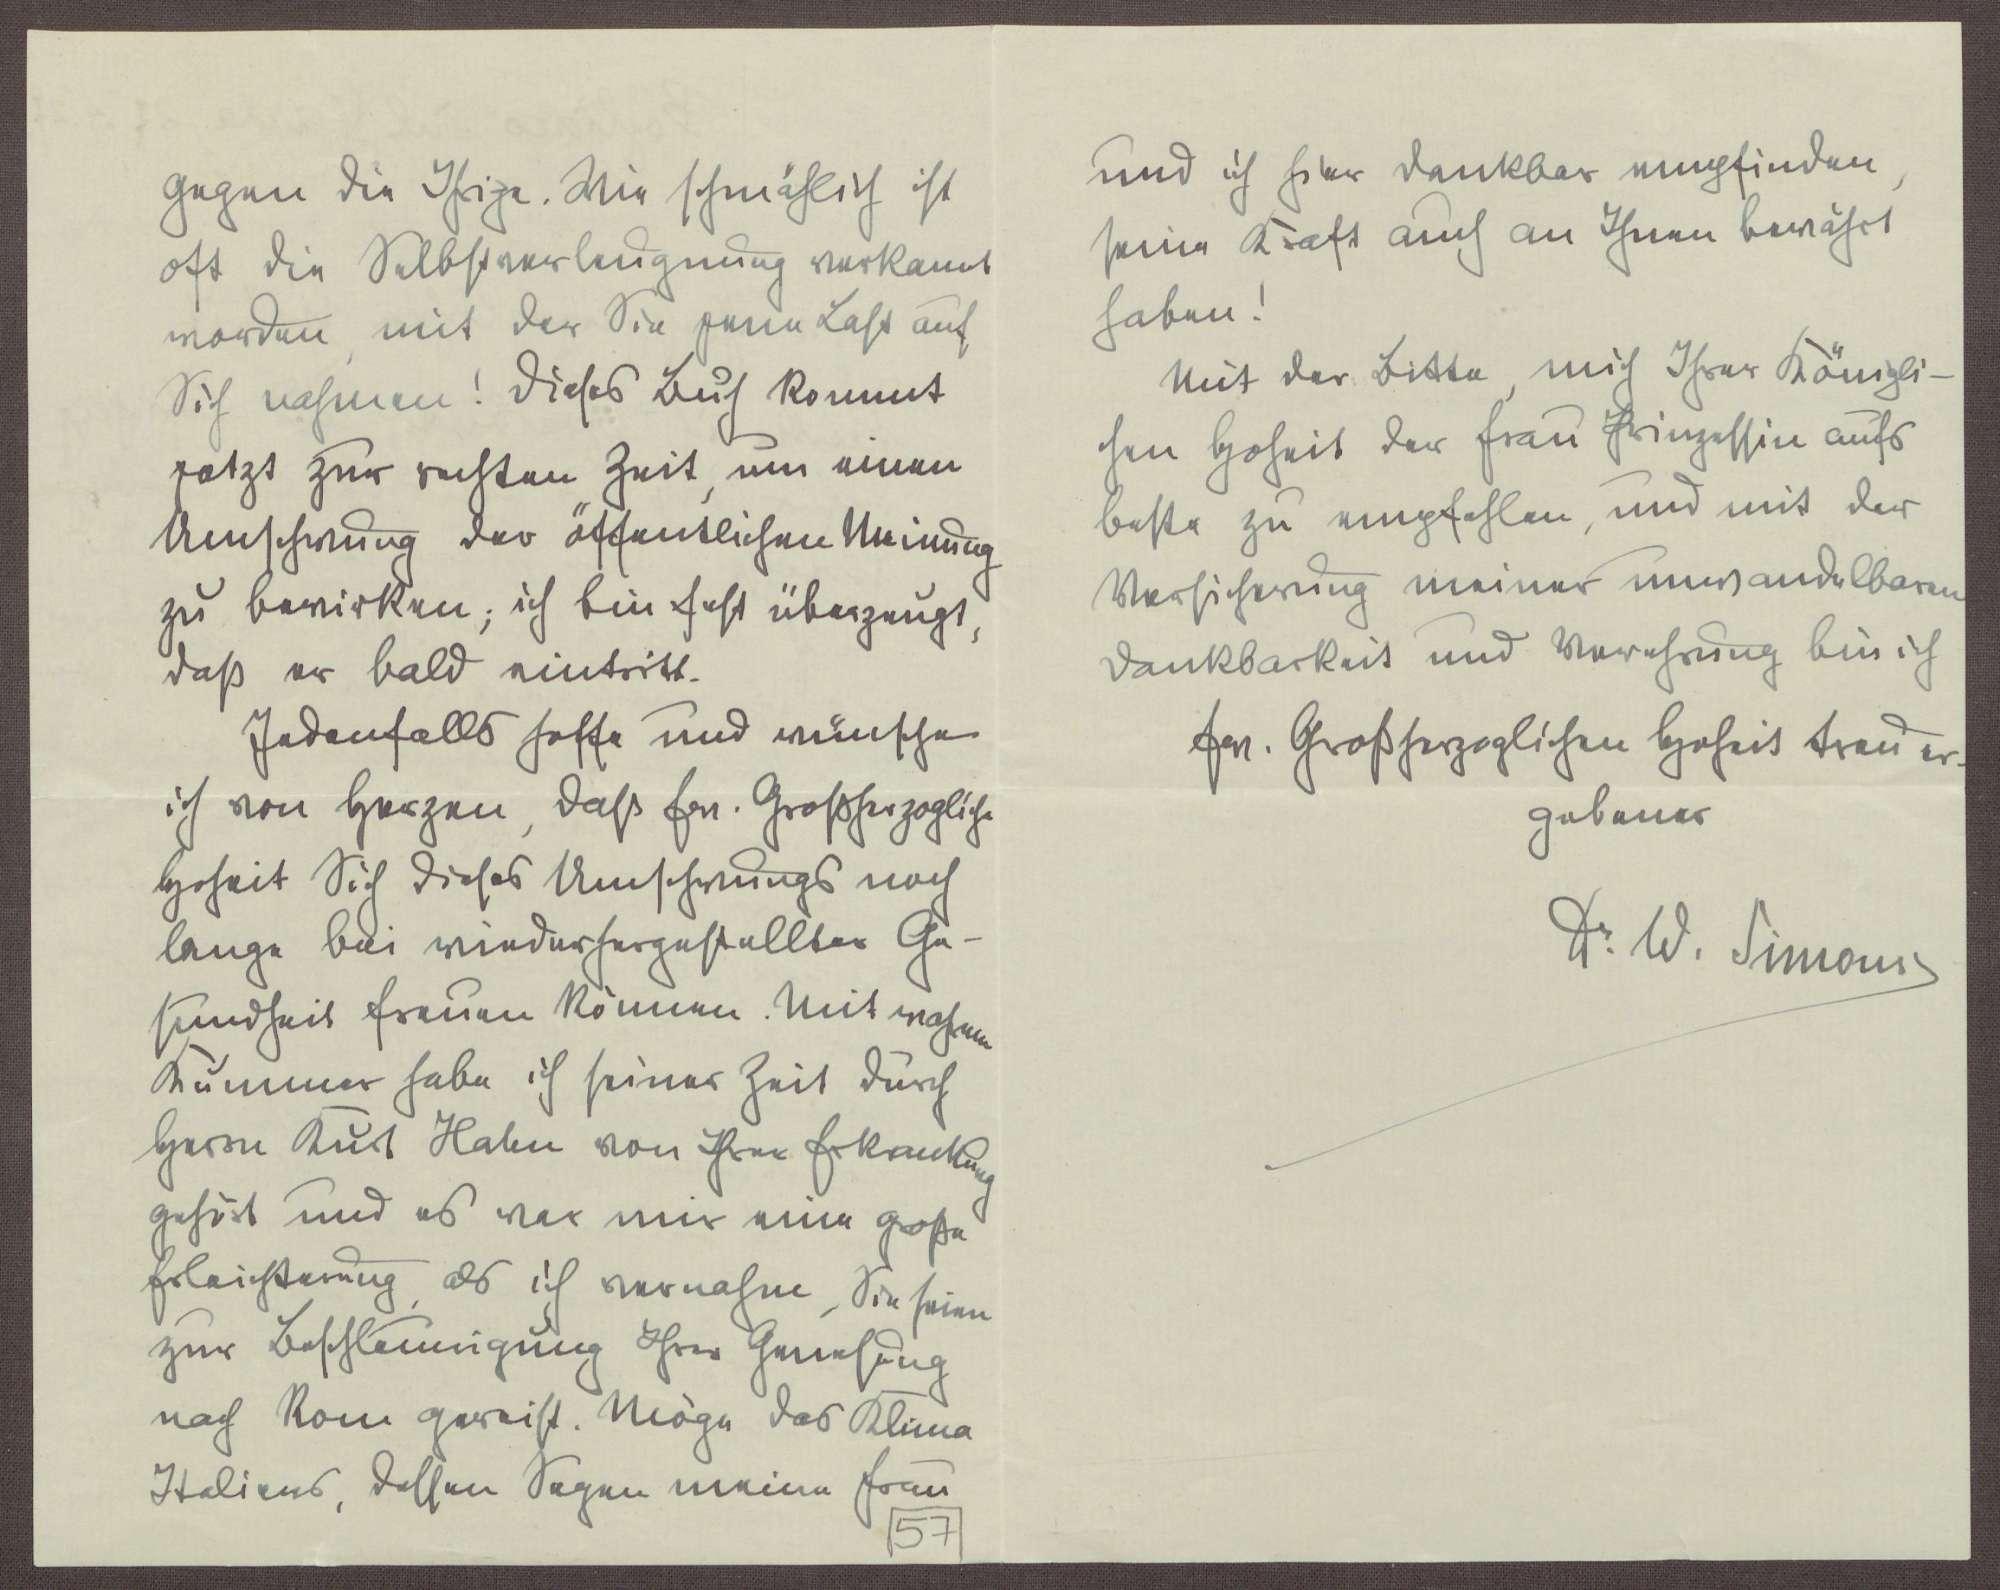 Schreiben von Walter Simons an Prinz Max von Baden; Dank für die Übersendung der Memorien des Prinzen Max, Einschätzung zu den Memorien, Umschwung der öffentlichen Meinung, Erkrankung des Prinzen Max, Bild 2